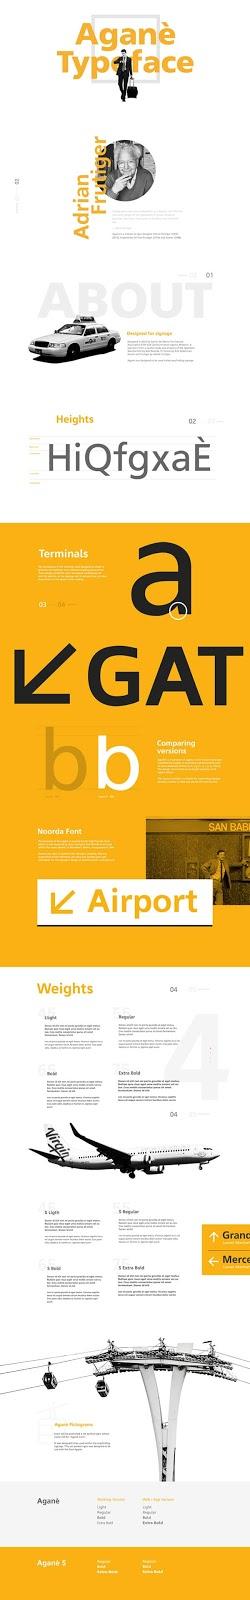 Download Gratis Sans Serif Komersial Font - Agane Typeface